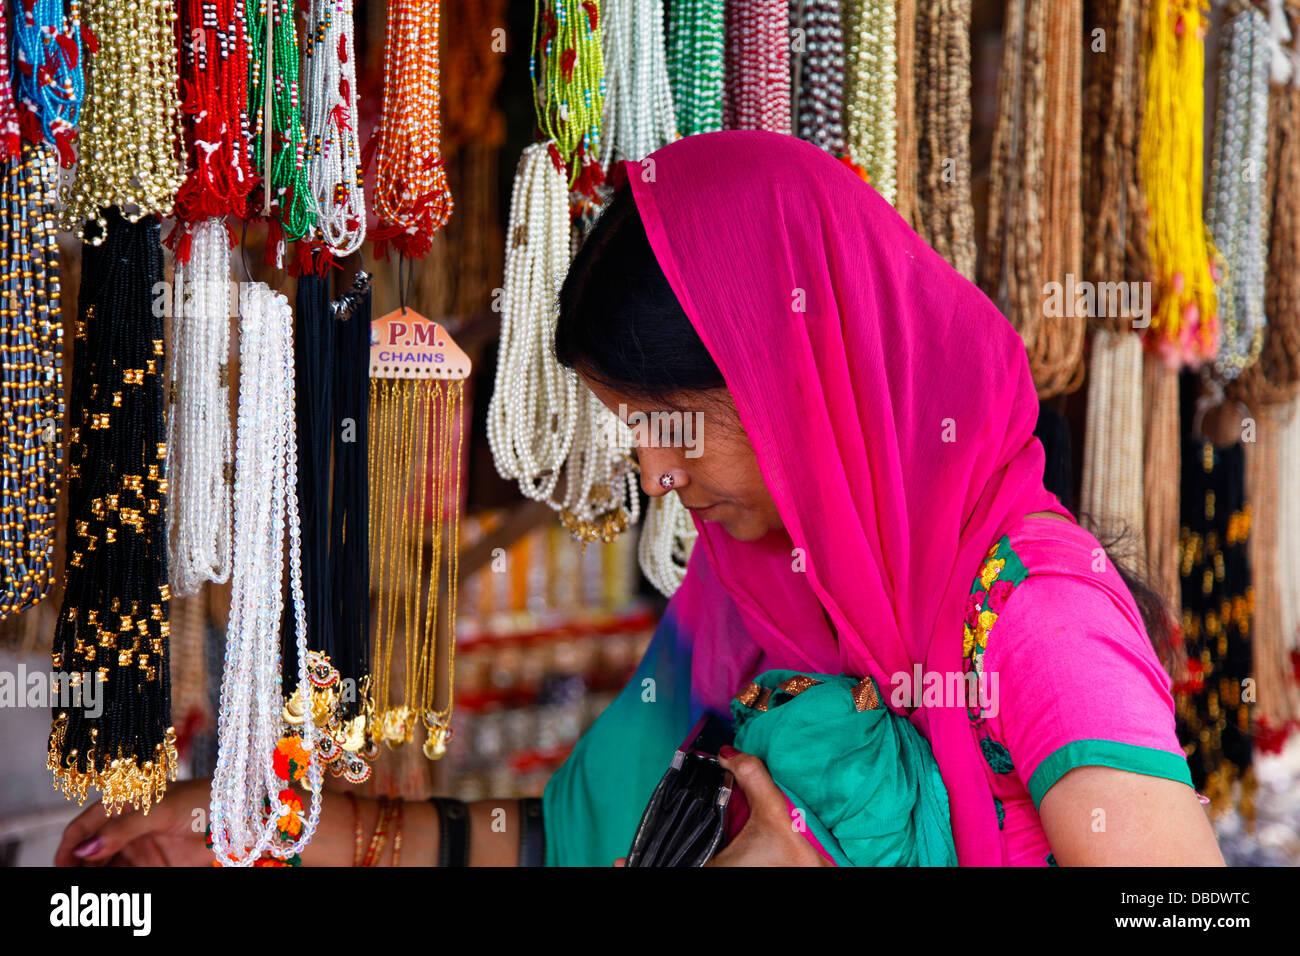 Bijoux,bijoux,Collier,wc séparés,Inde,Bracelets,magasin,People d95950ce0911